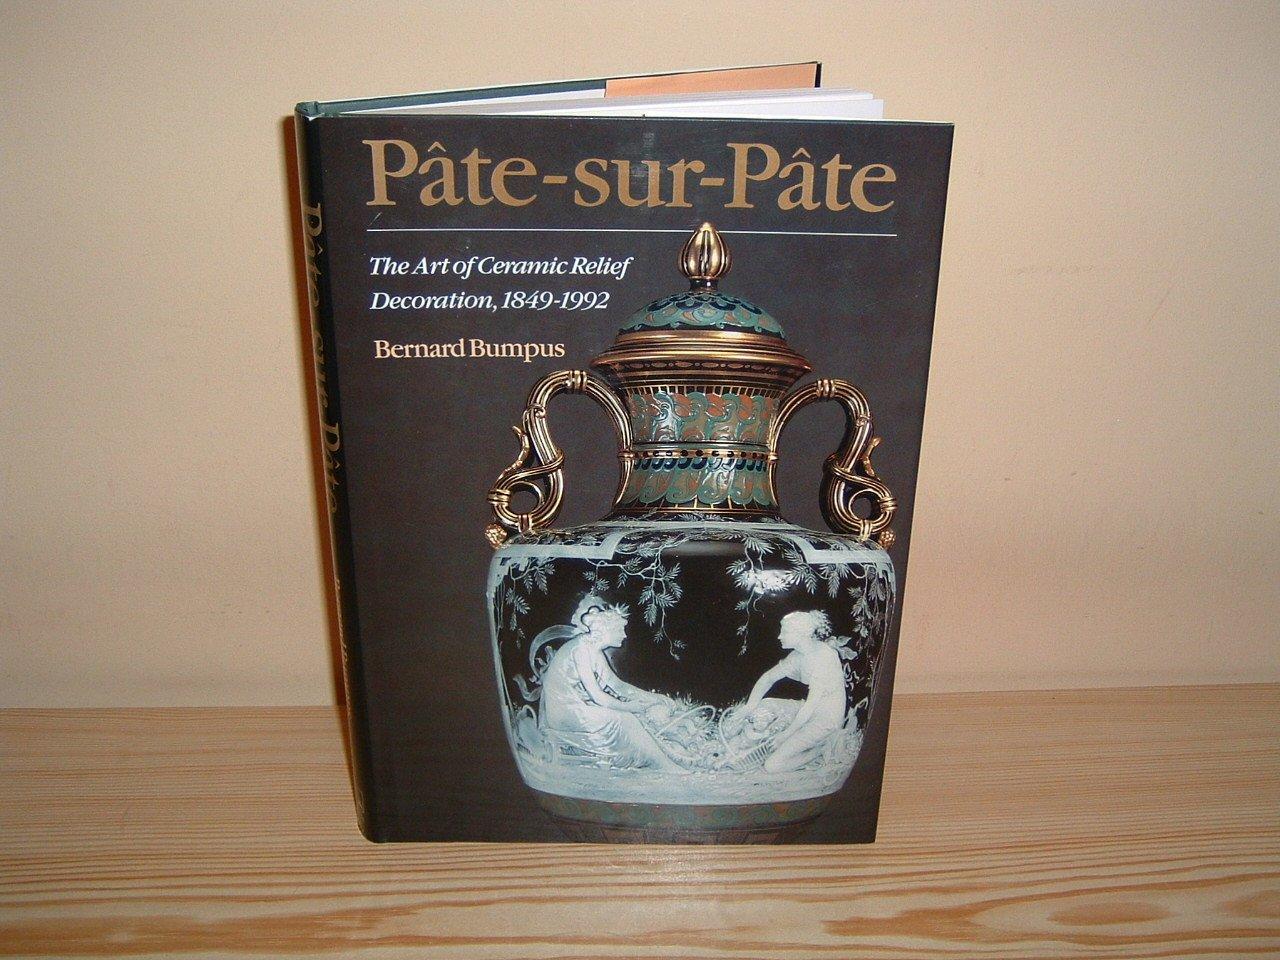 Pate-sur-pate: Art of Ceramic Relief Decoration, 1849-1980